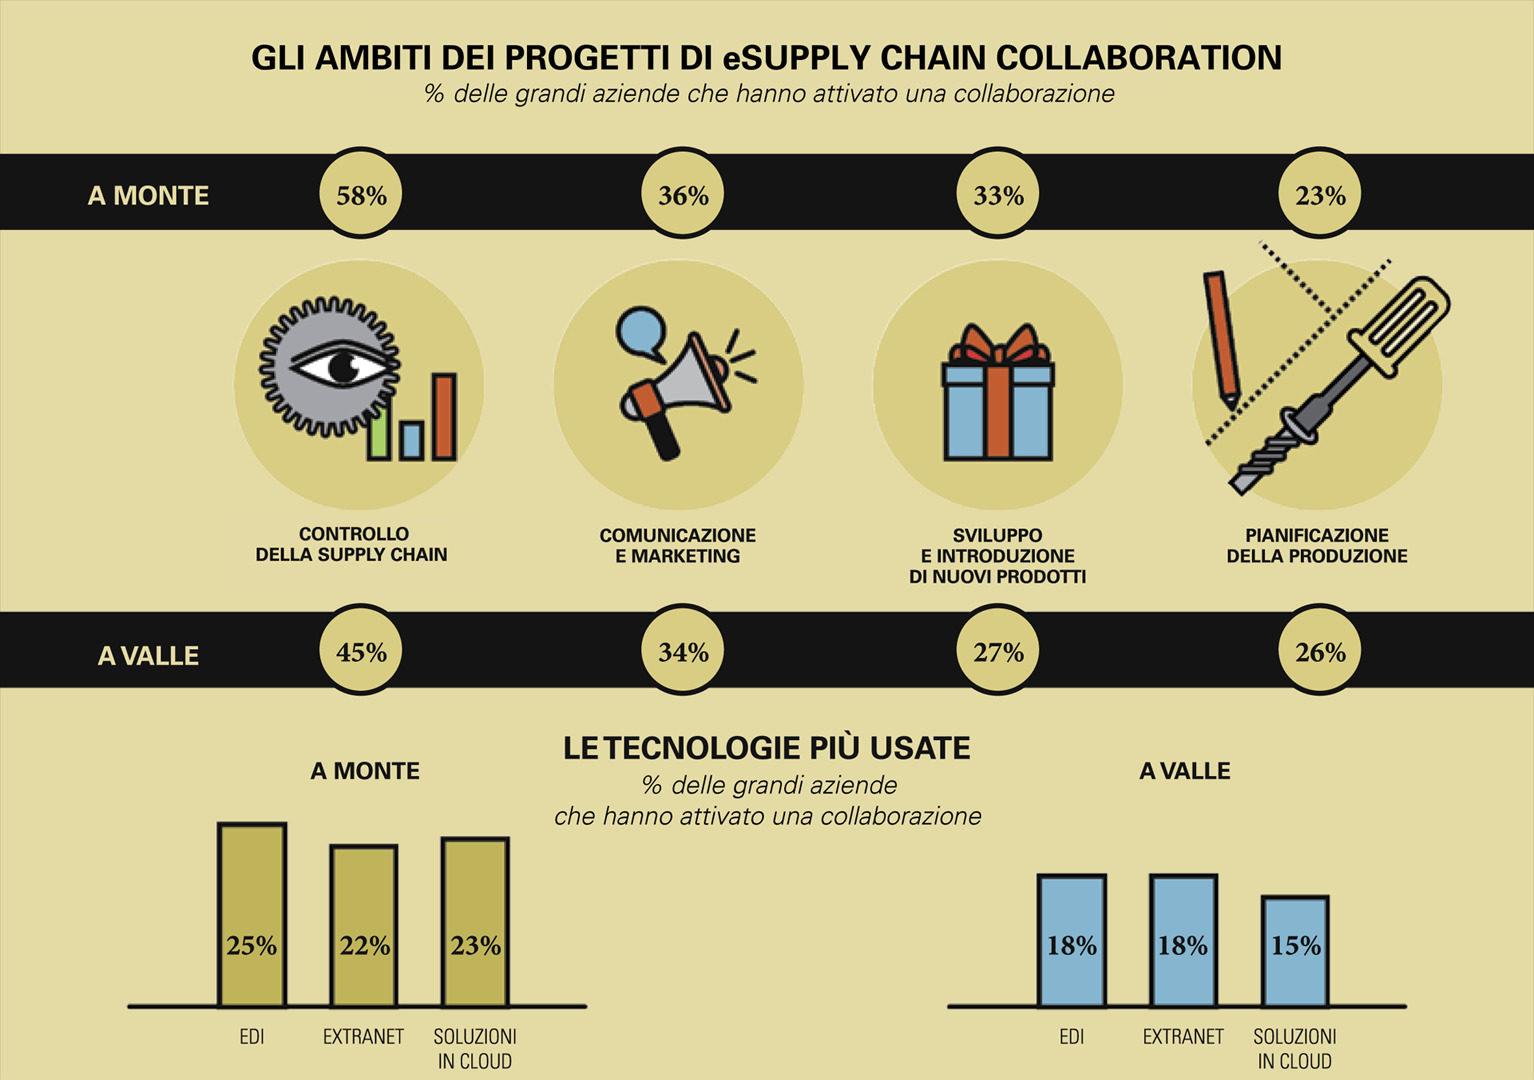 Ambiti di progetti di eSupply Chain Collaboration